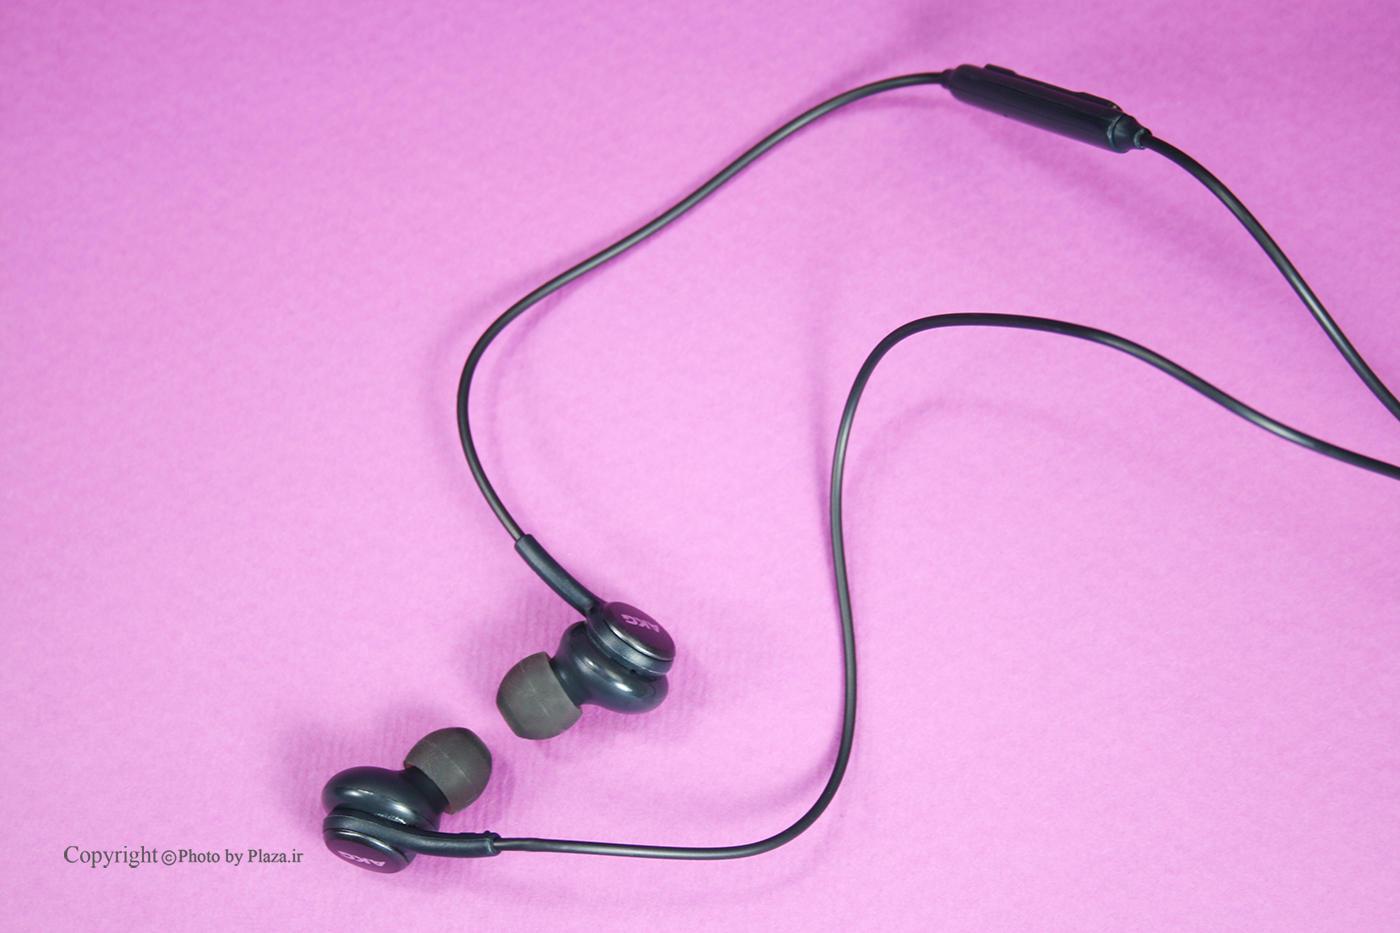 هندزفری گوشی samsung s8